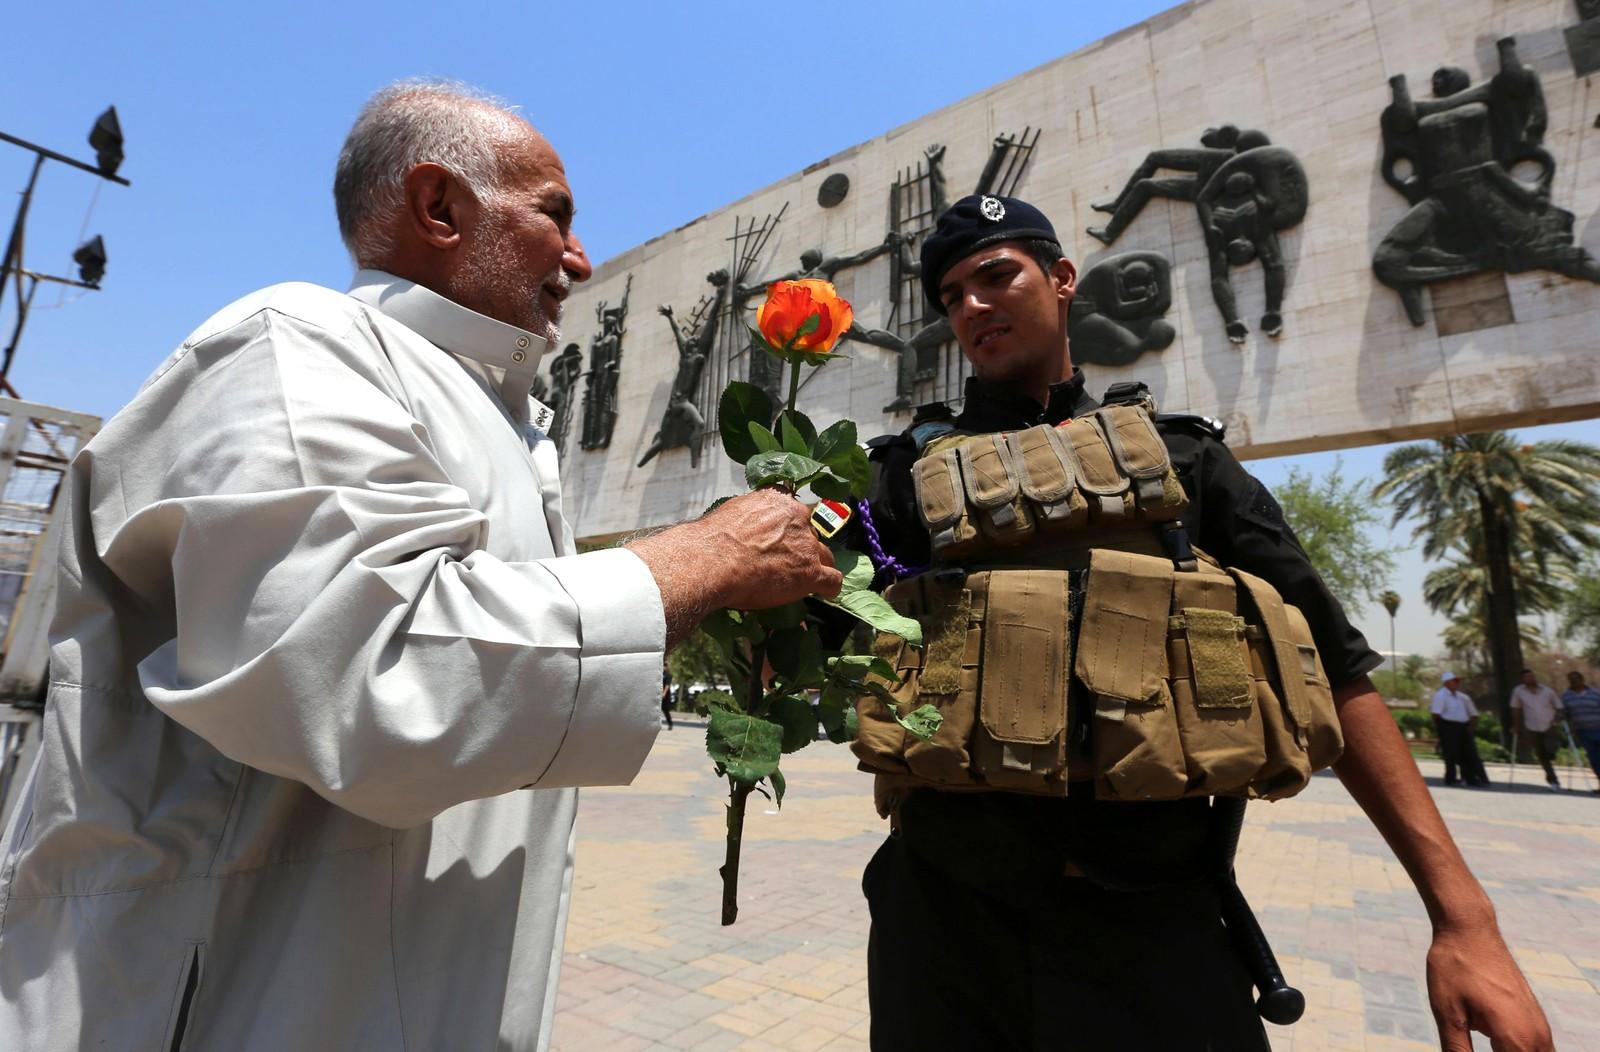 En mann gir en rose til et medlem av de irakiske sikkerhetsstyrkene på Tahrir-plassen i Bagdad den 3. august. Det var en markering denne dagen hvor folk hang opp plakater med budskap om solidaritet fra Nice og andre europeiske byer som har blitt rammet av terrorisme i sommer. Det var en måned siden en bombe drepte 323 mennesker i Bagdad.